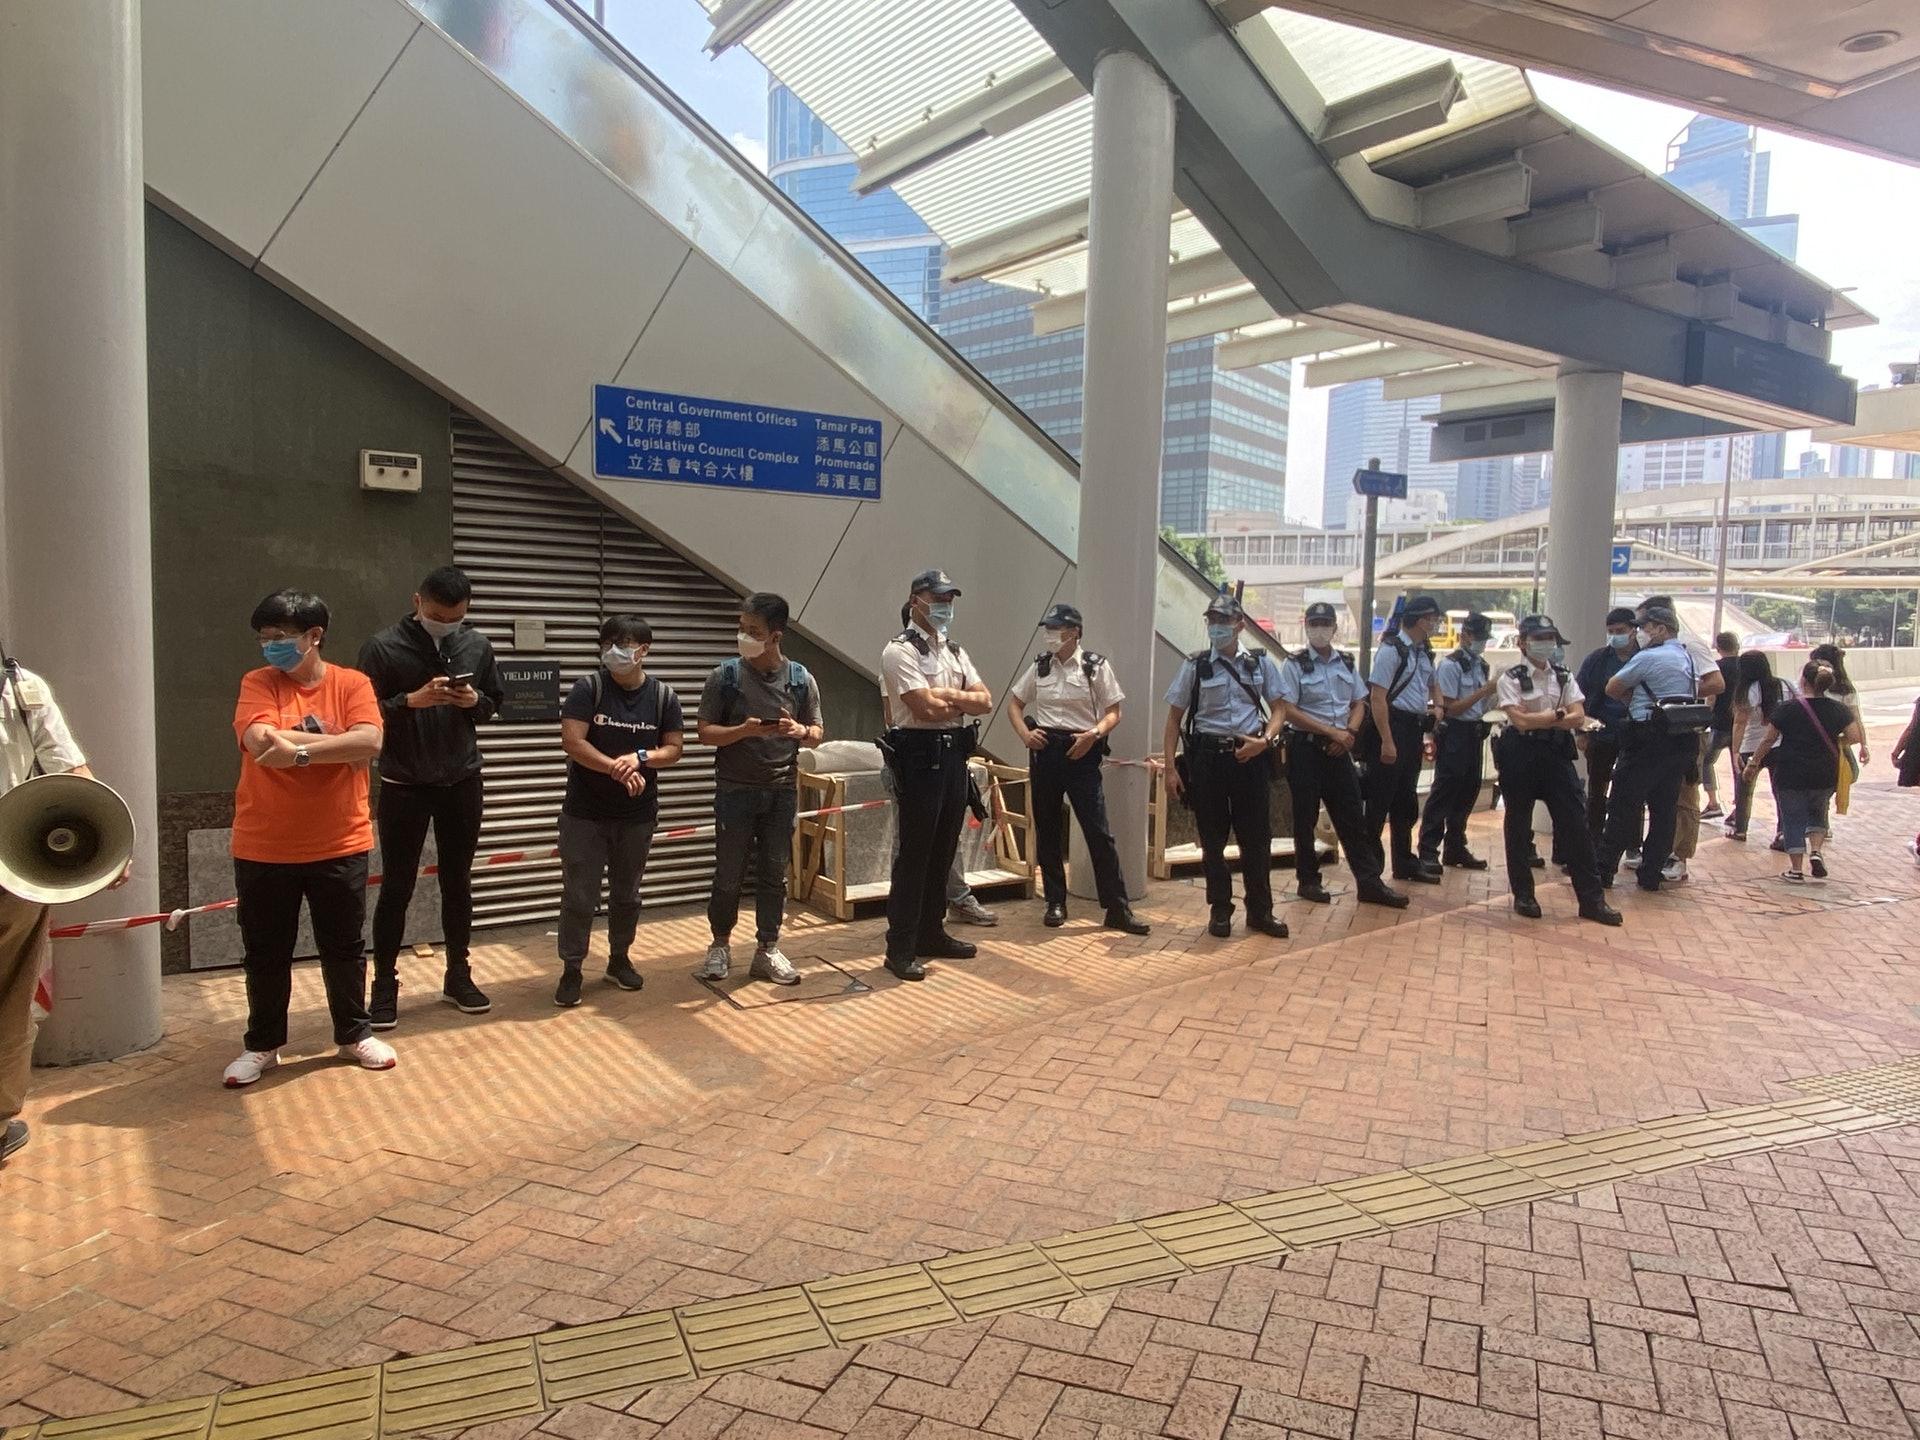 十數名警察戒備,旗袋裝有警告違國安法的紫旗。(鍾妍攝)